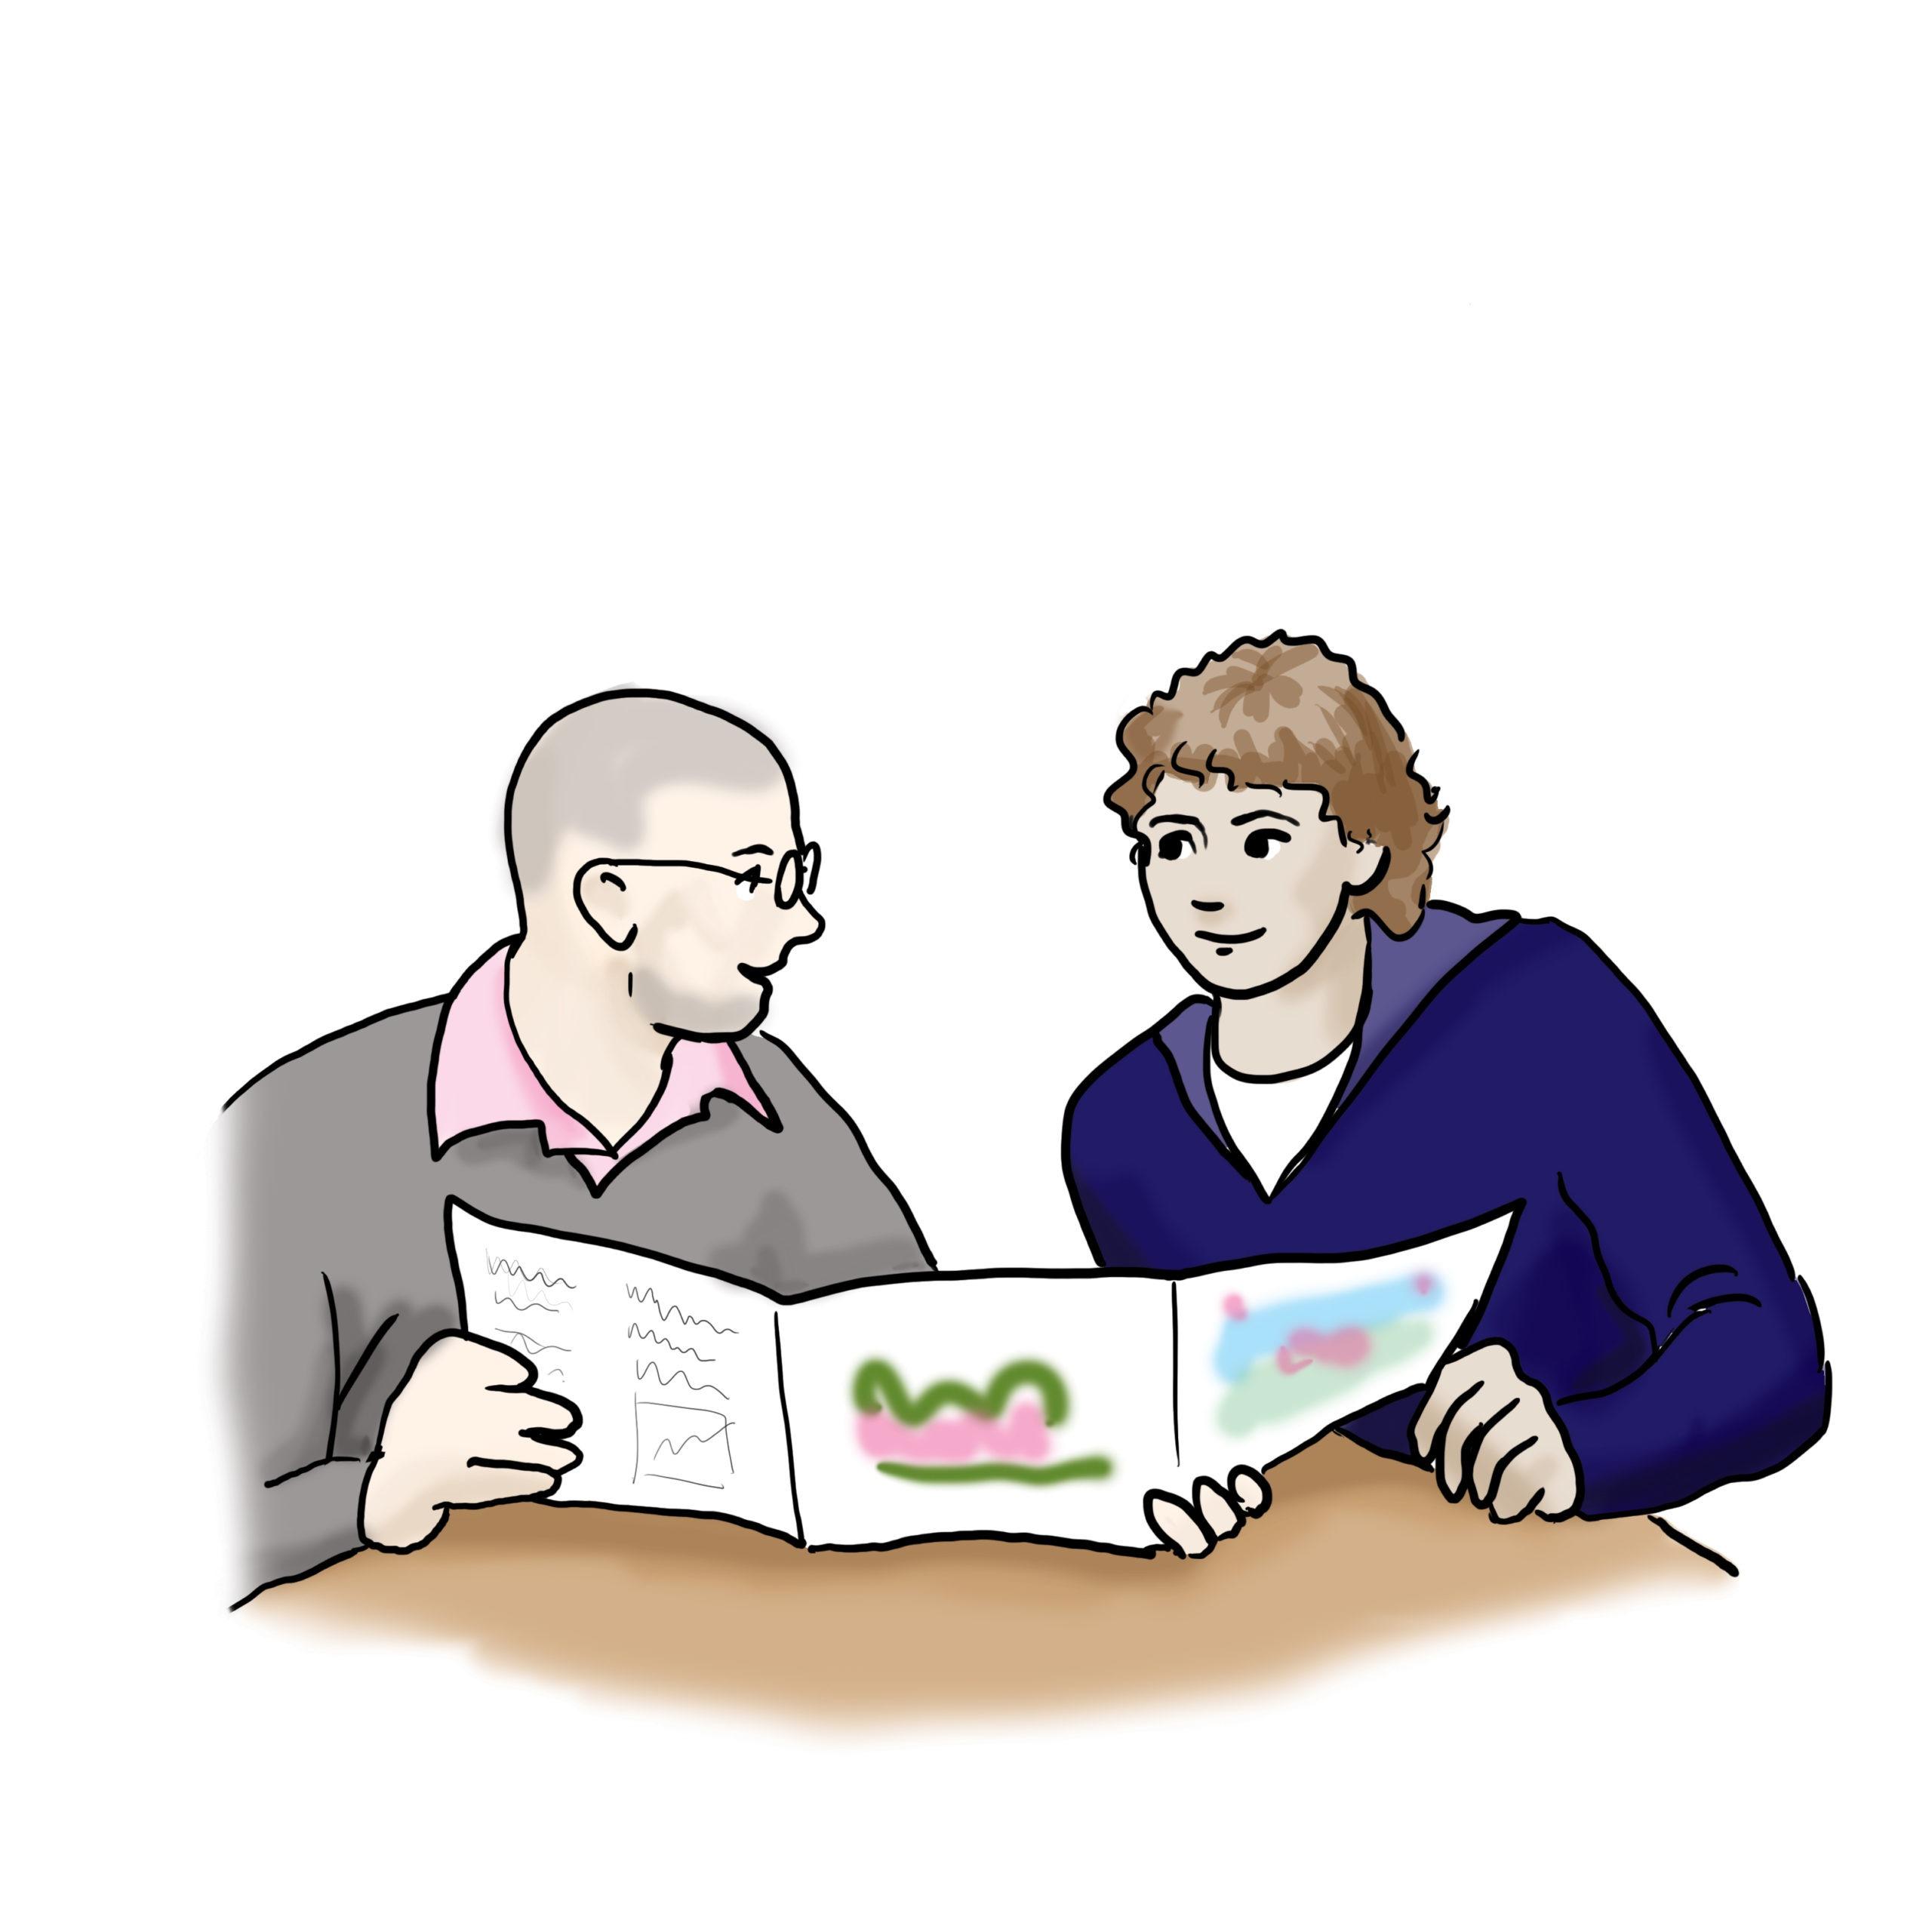 Das Bild zeigt zwei Menschen. Sie schauen gemeinsam in ein Magazin.